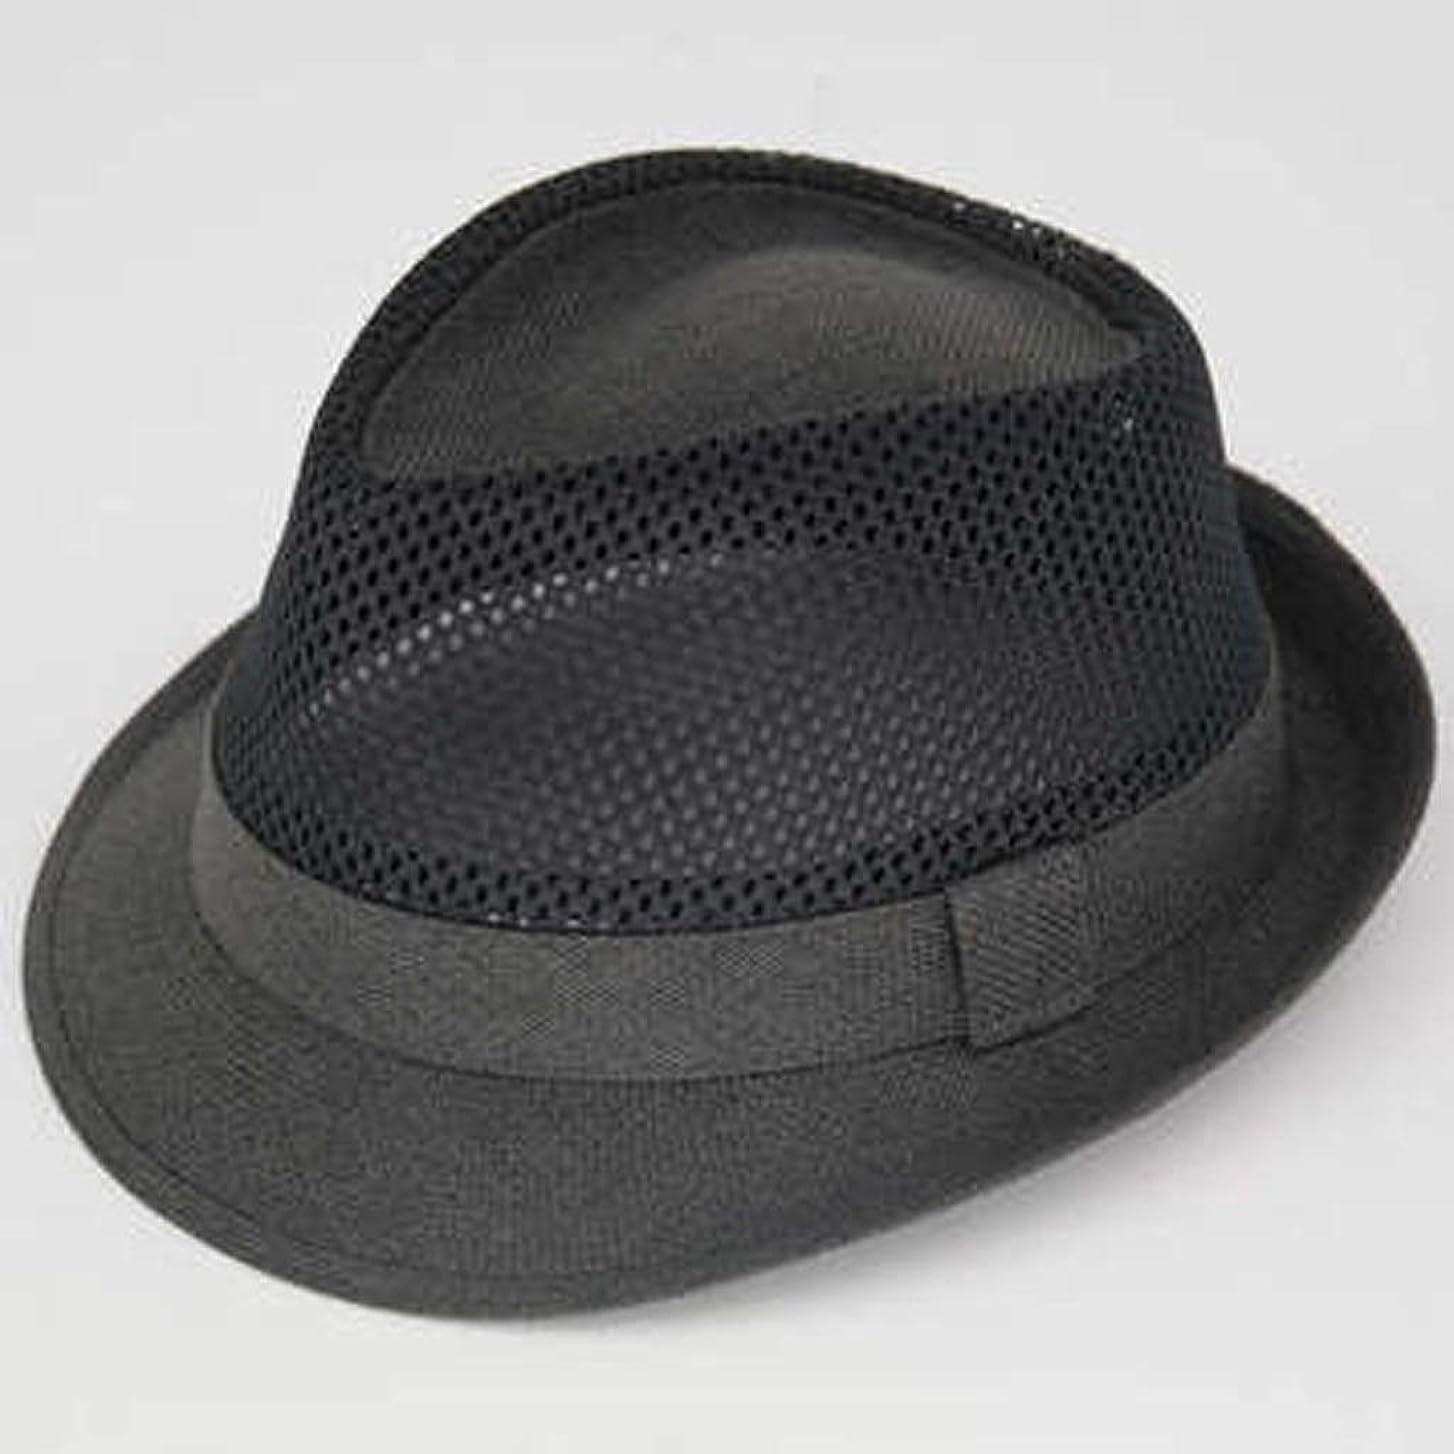 登る仕事に行く追跡ZFDM 英国シルクハットクールハット通気性麦わら帽子サンバイザー通気性ライトトラベル (Color : 2)